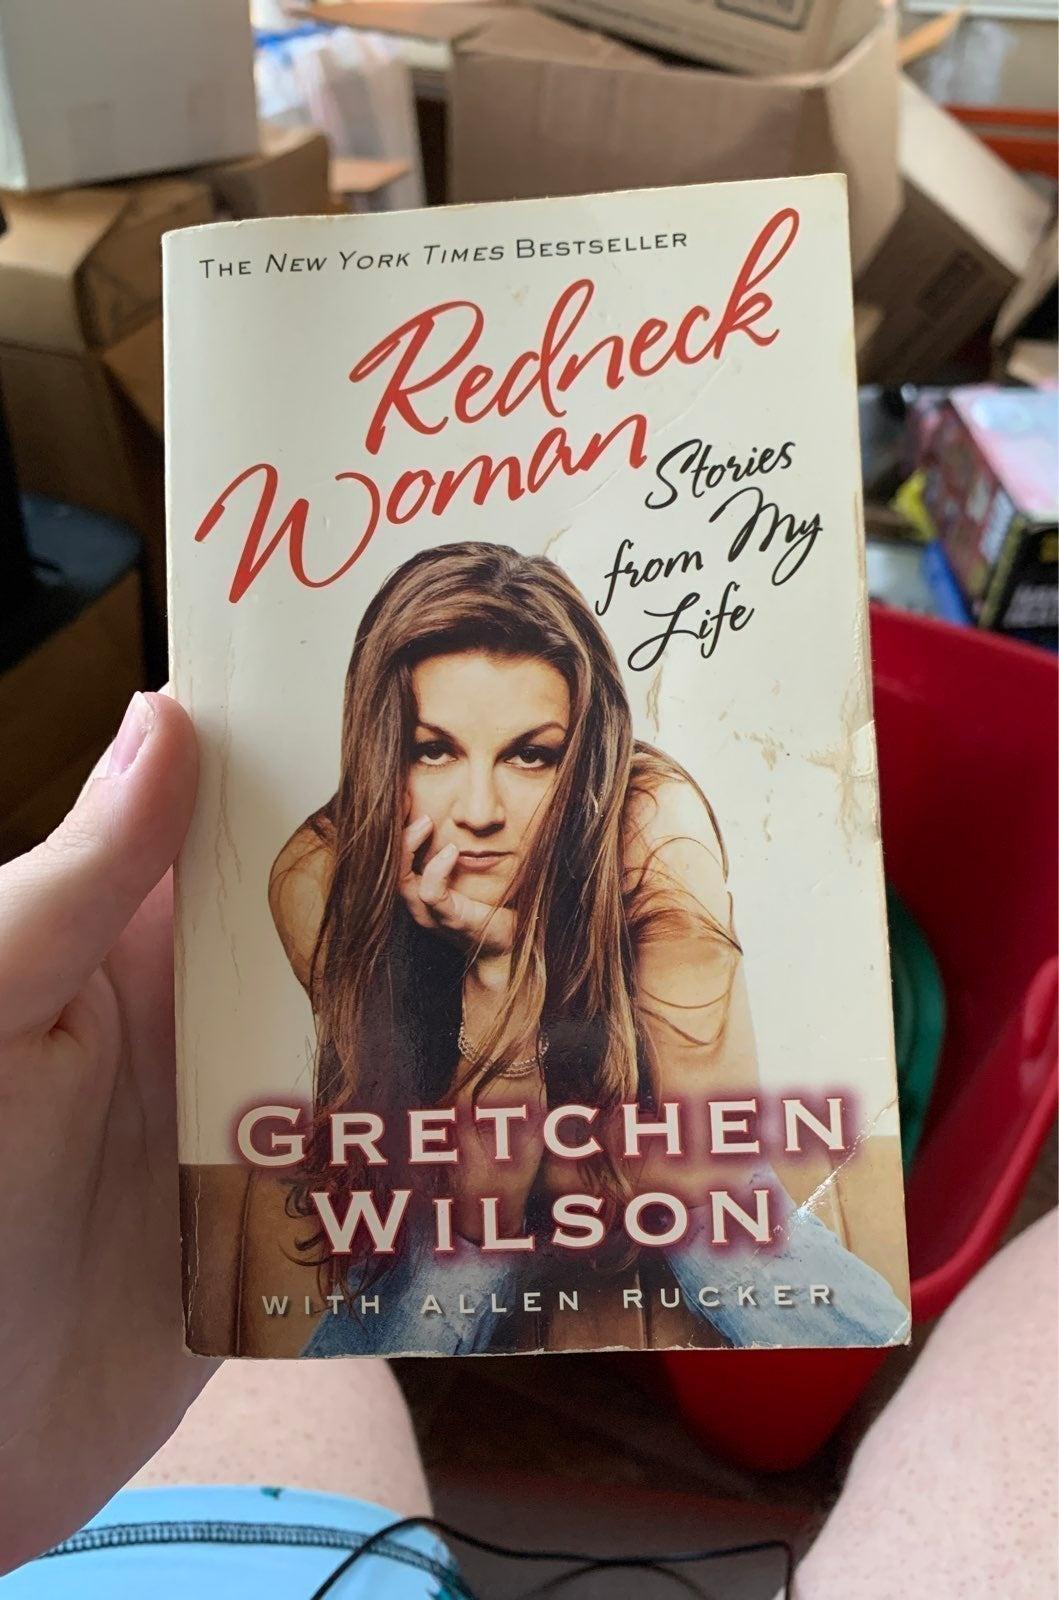 Gretchen Wilson's Redneck Woman book